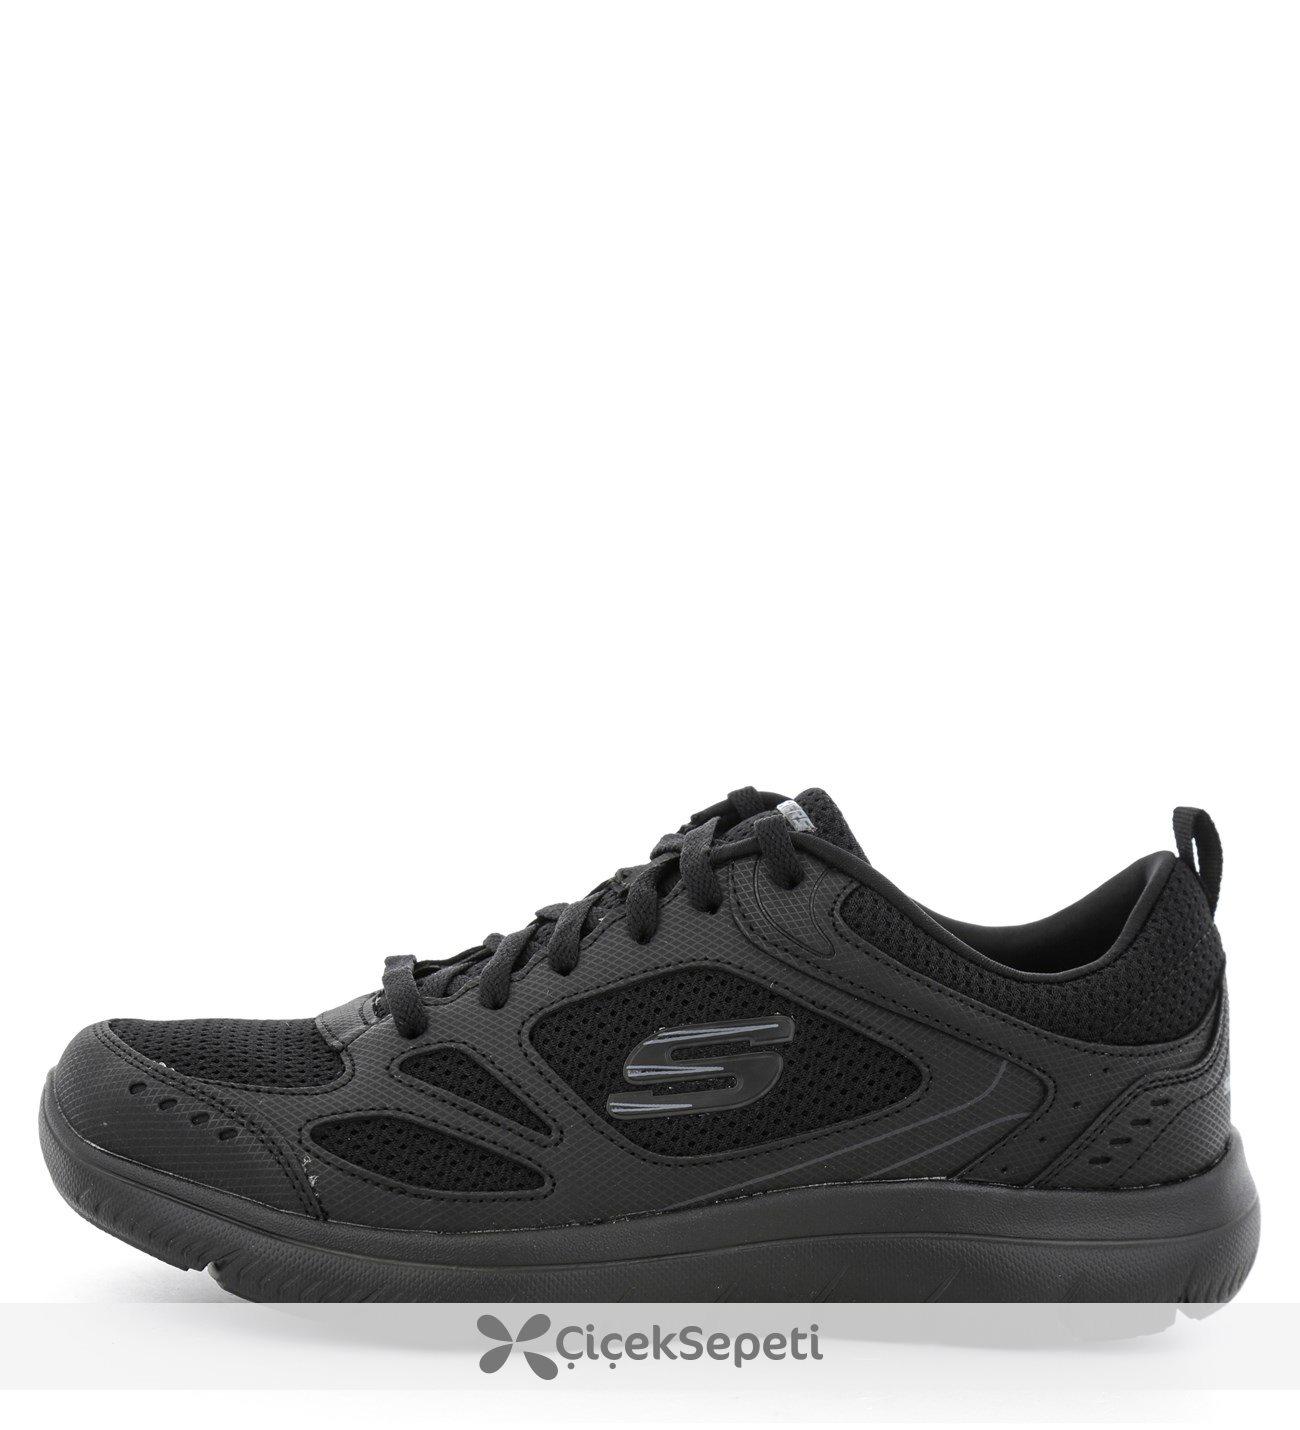 999807-BBK Skechers  Summıts Erkek Günlük Ayakkabı Siyah